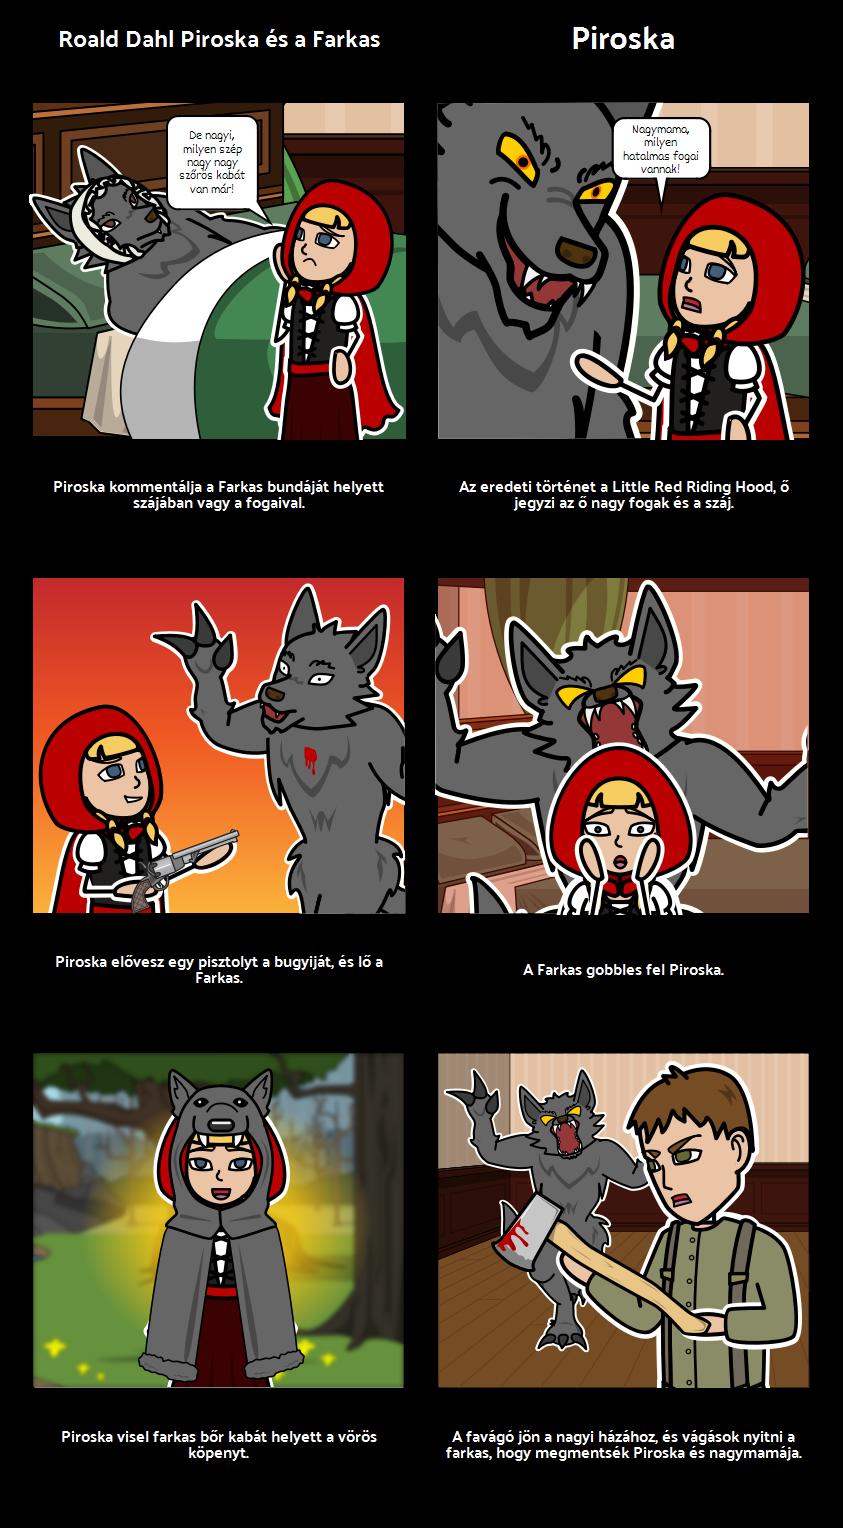 Piroska és a Farkas - Összehasonlítása / Kontraszt